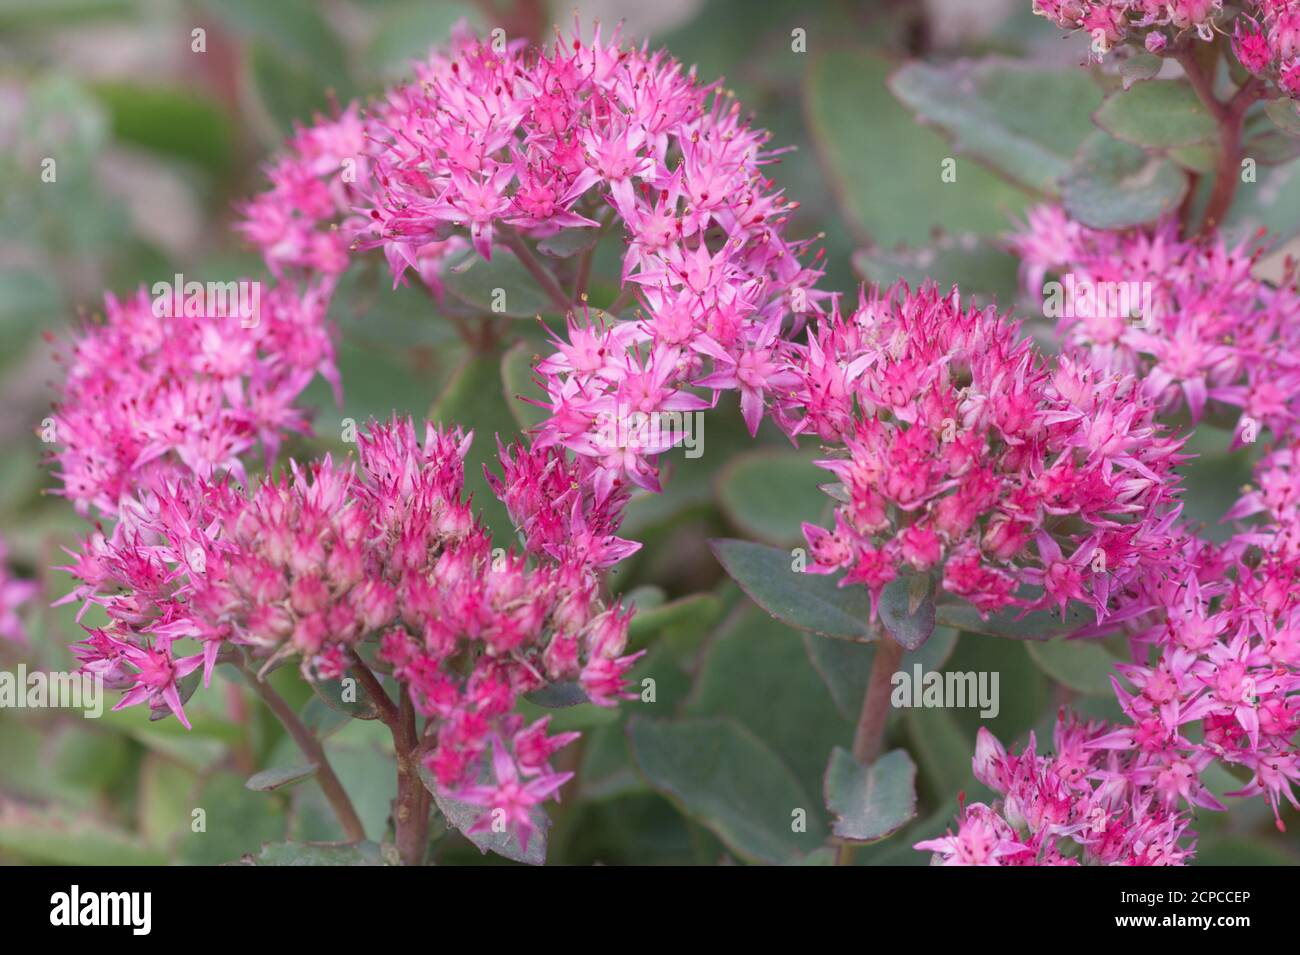 Hylotelephium spectabile or sedum plant in flower, autumn UK Stock Photo